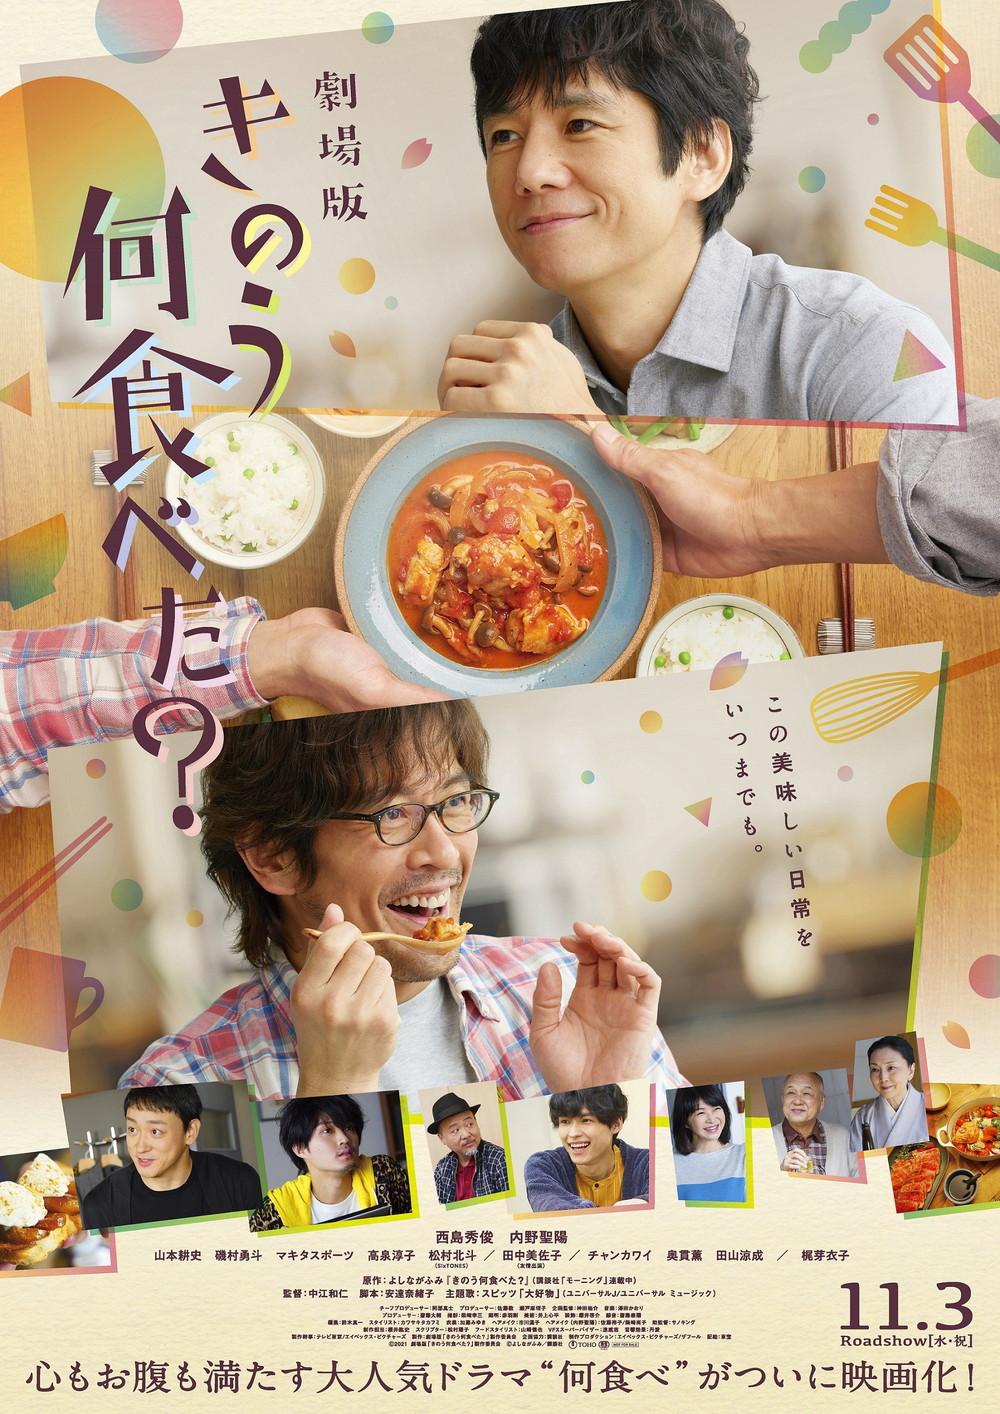 『きのう何食べた?』ポスター